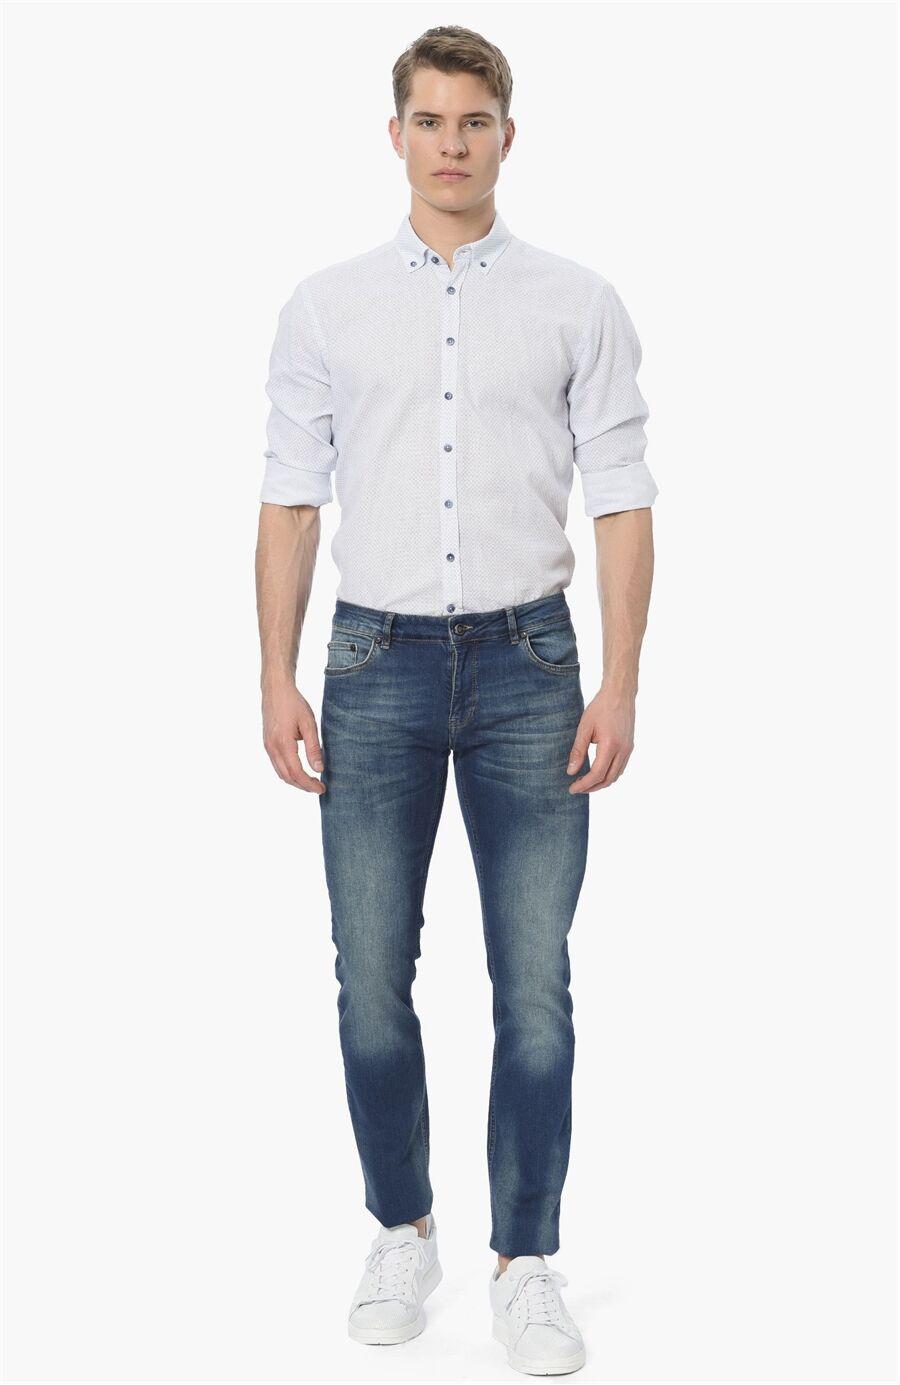 Baskılı Slım Fit Mavi Beyaz Gömlek